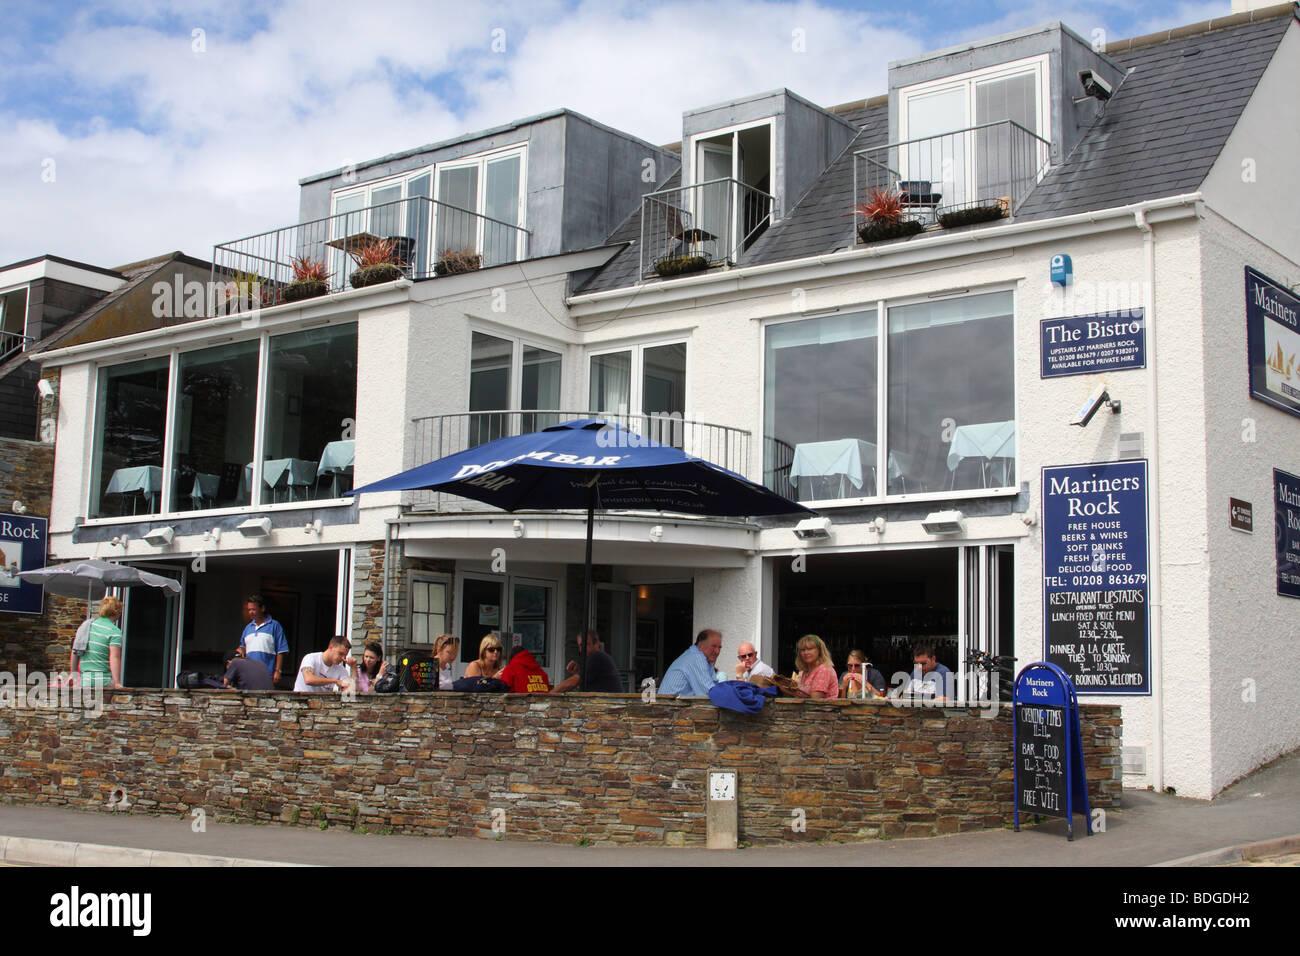 The Mariners Rock bar at Rock, North Cornwall, England, U.K. Stock Photo